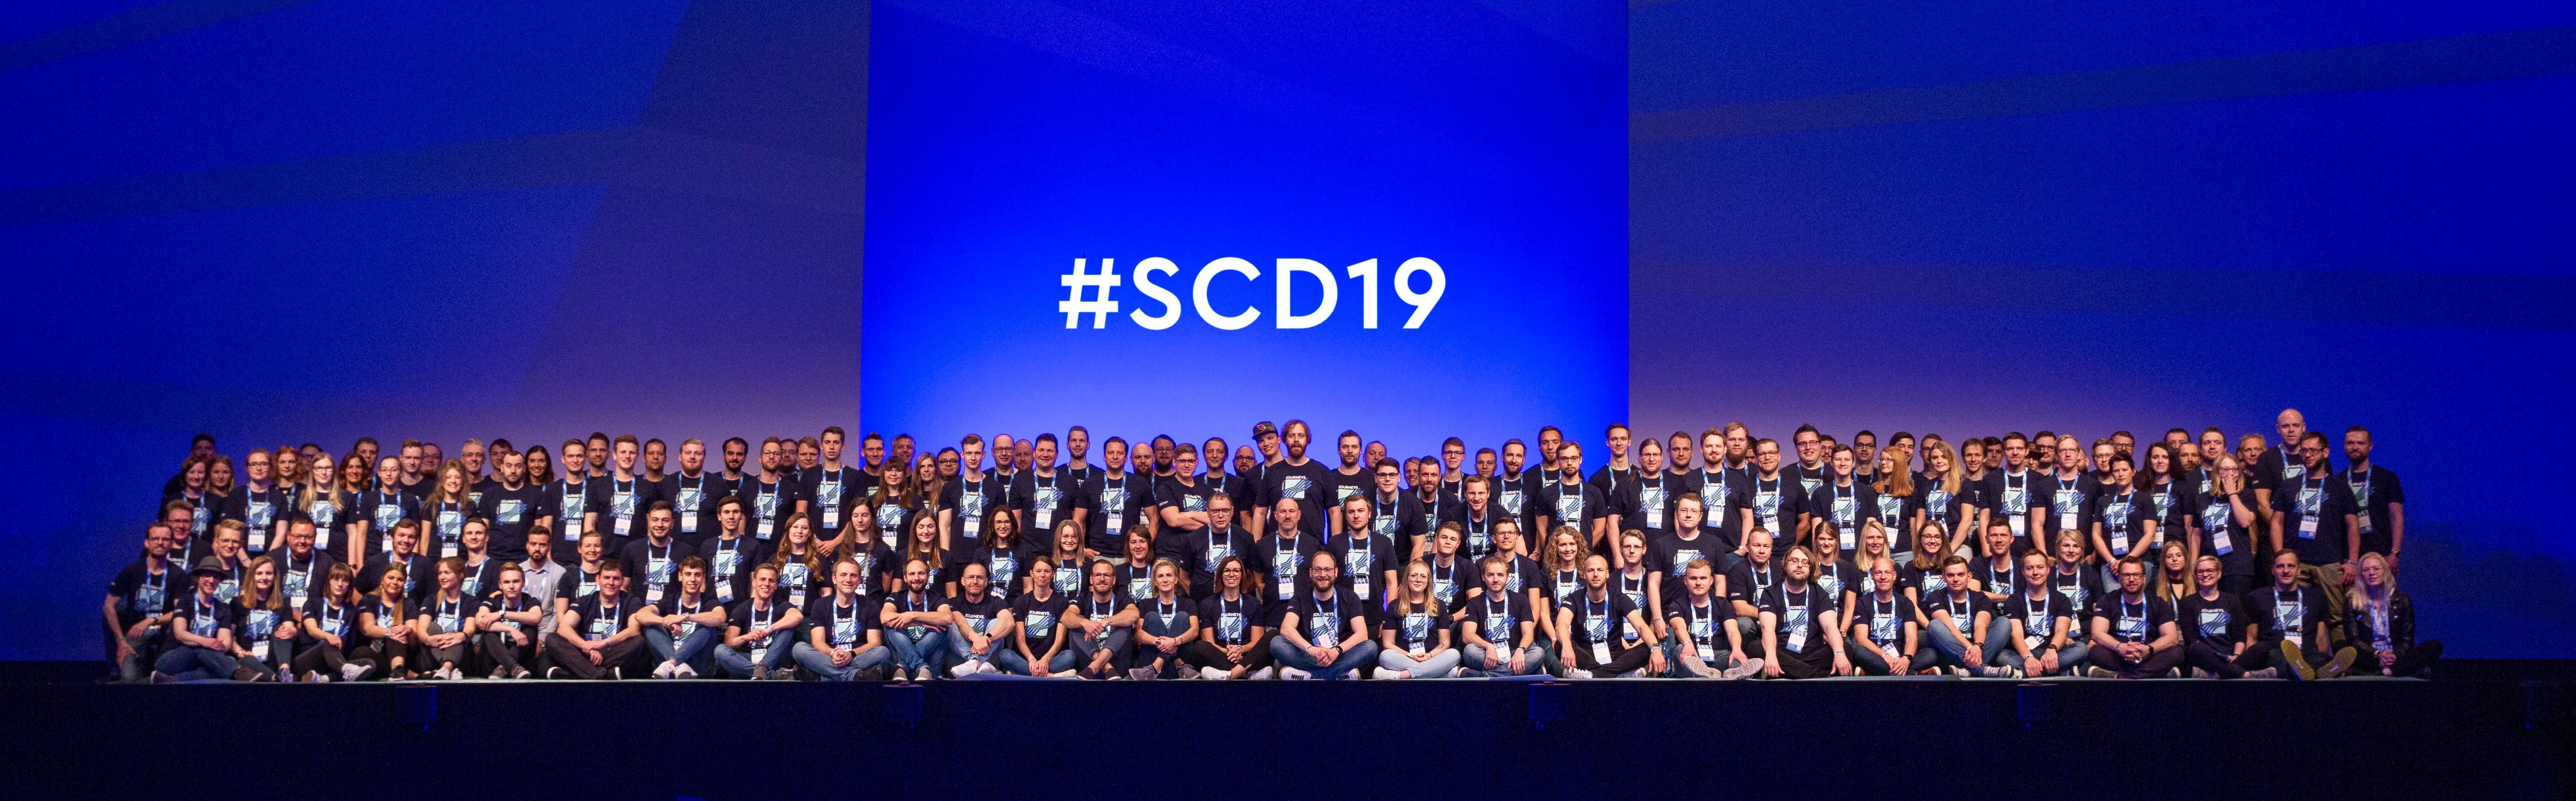 SCD-19-Gruppenfoto.jpg